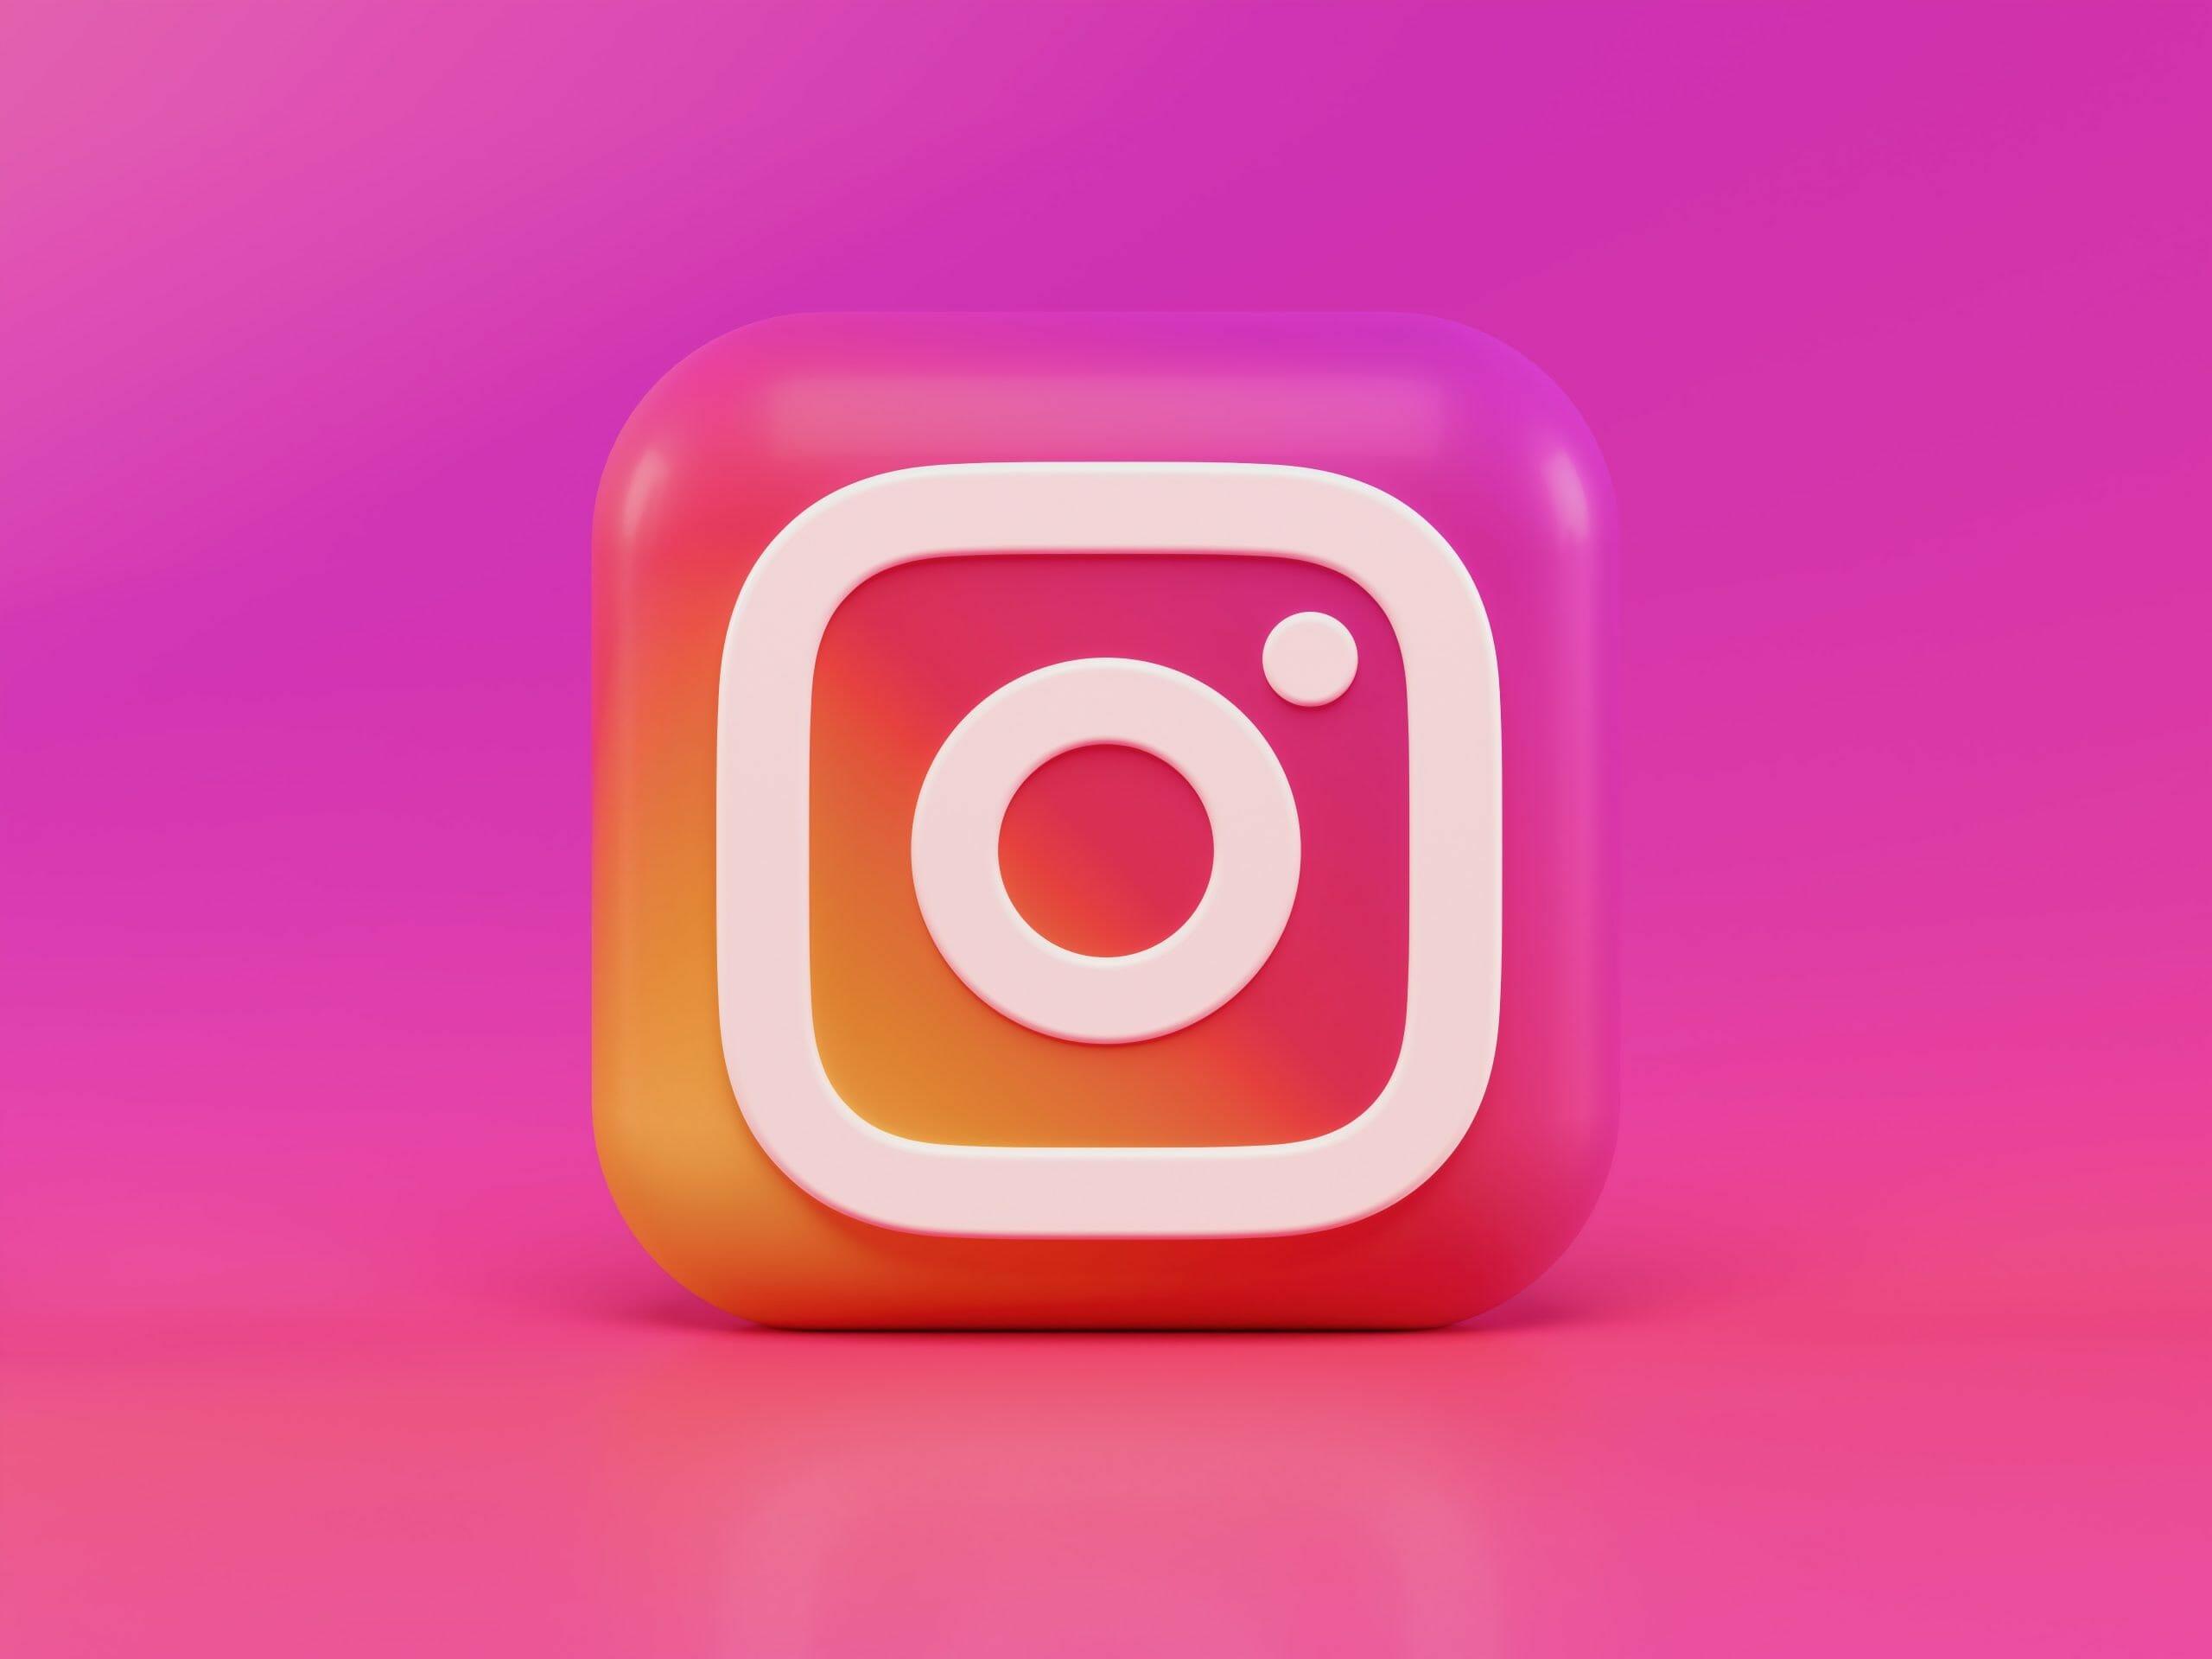 [Instagram] Social Media Advertising 2021 - DY Blog